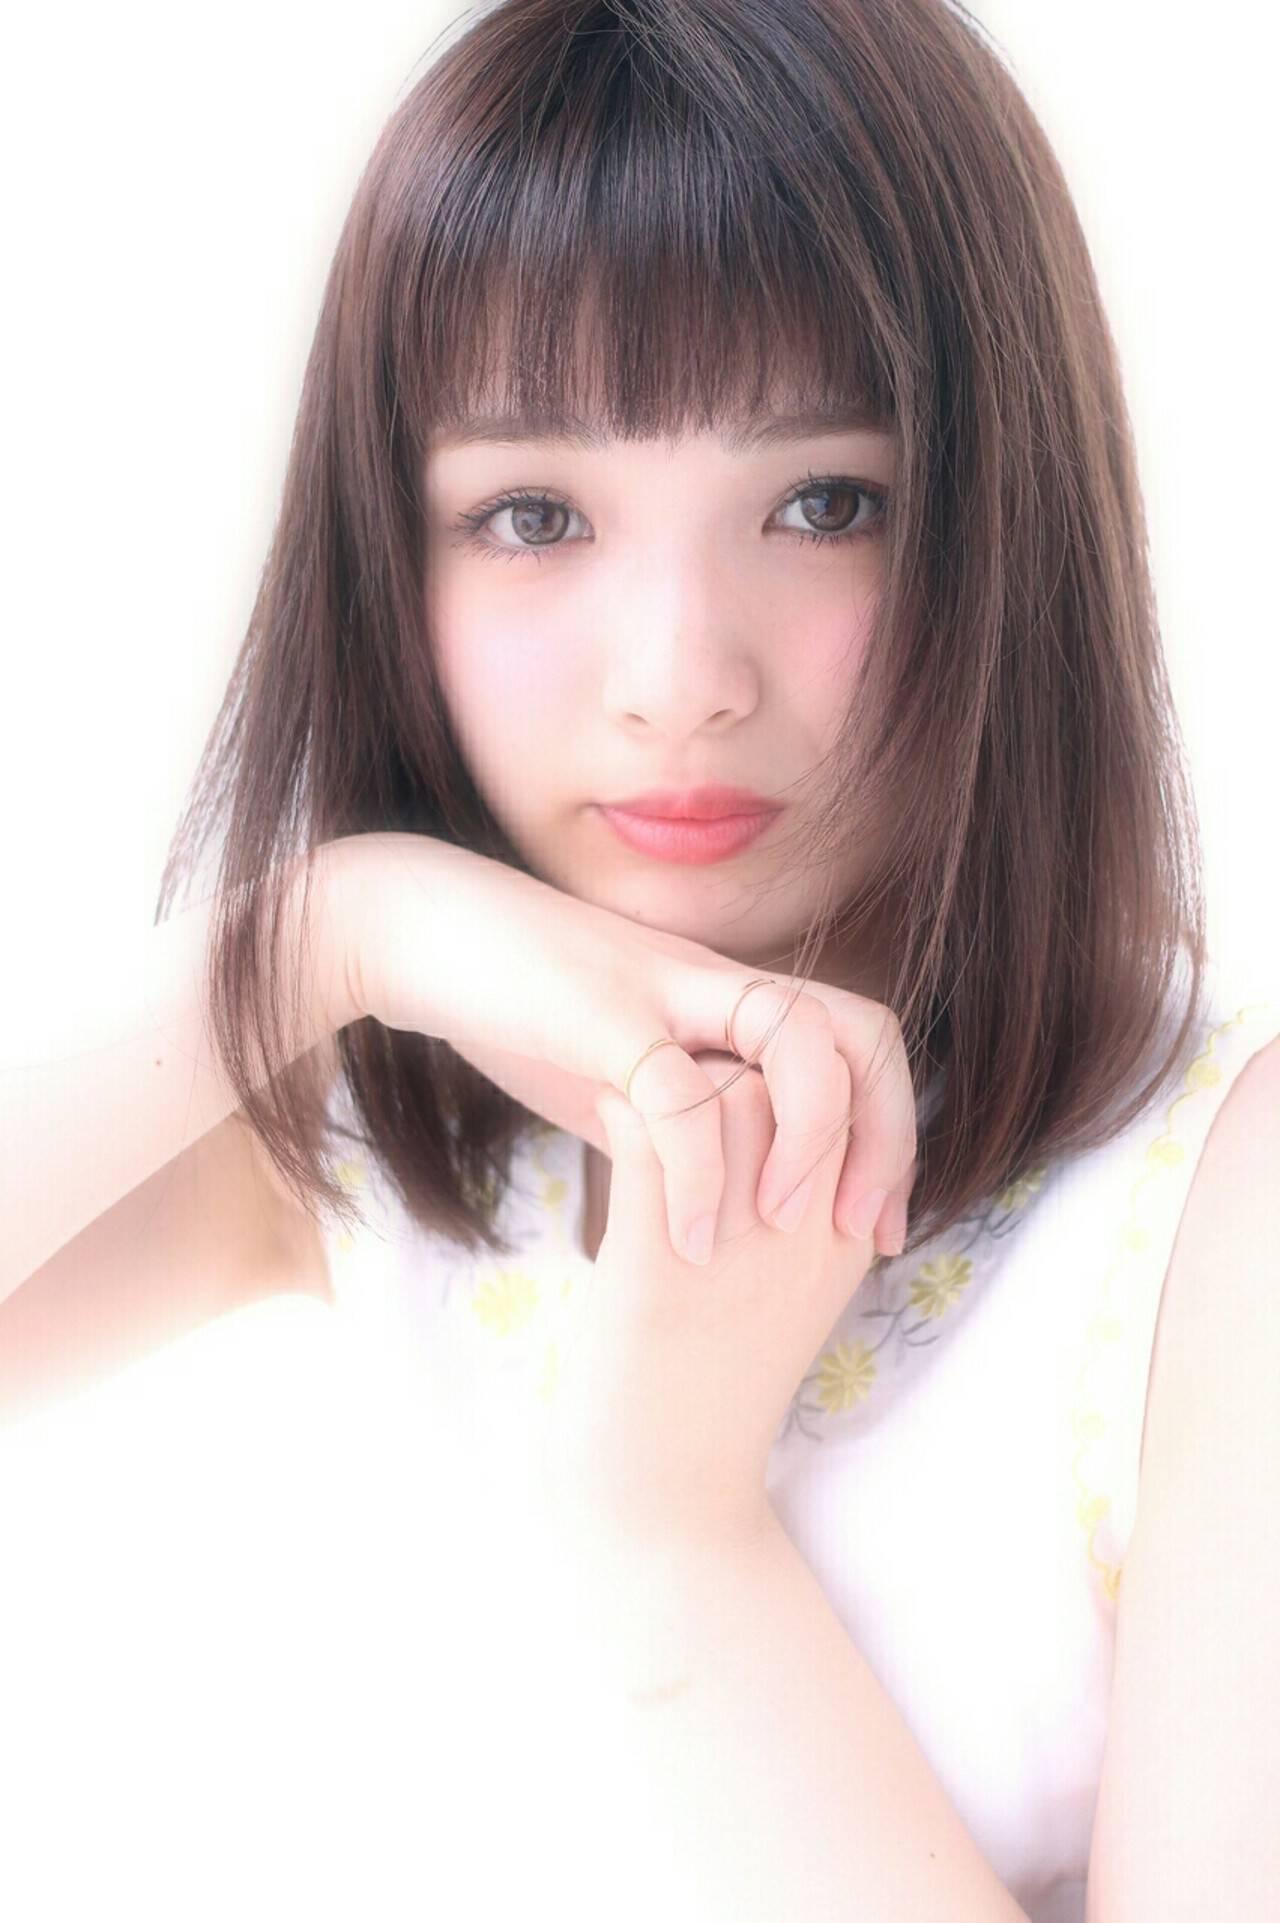 ミディアム 大人かわいい ナチュラル ピュアヘアスタイルや髪型の写真・画像